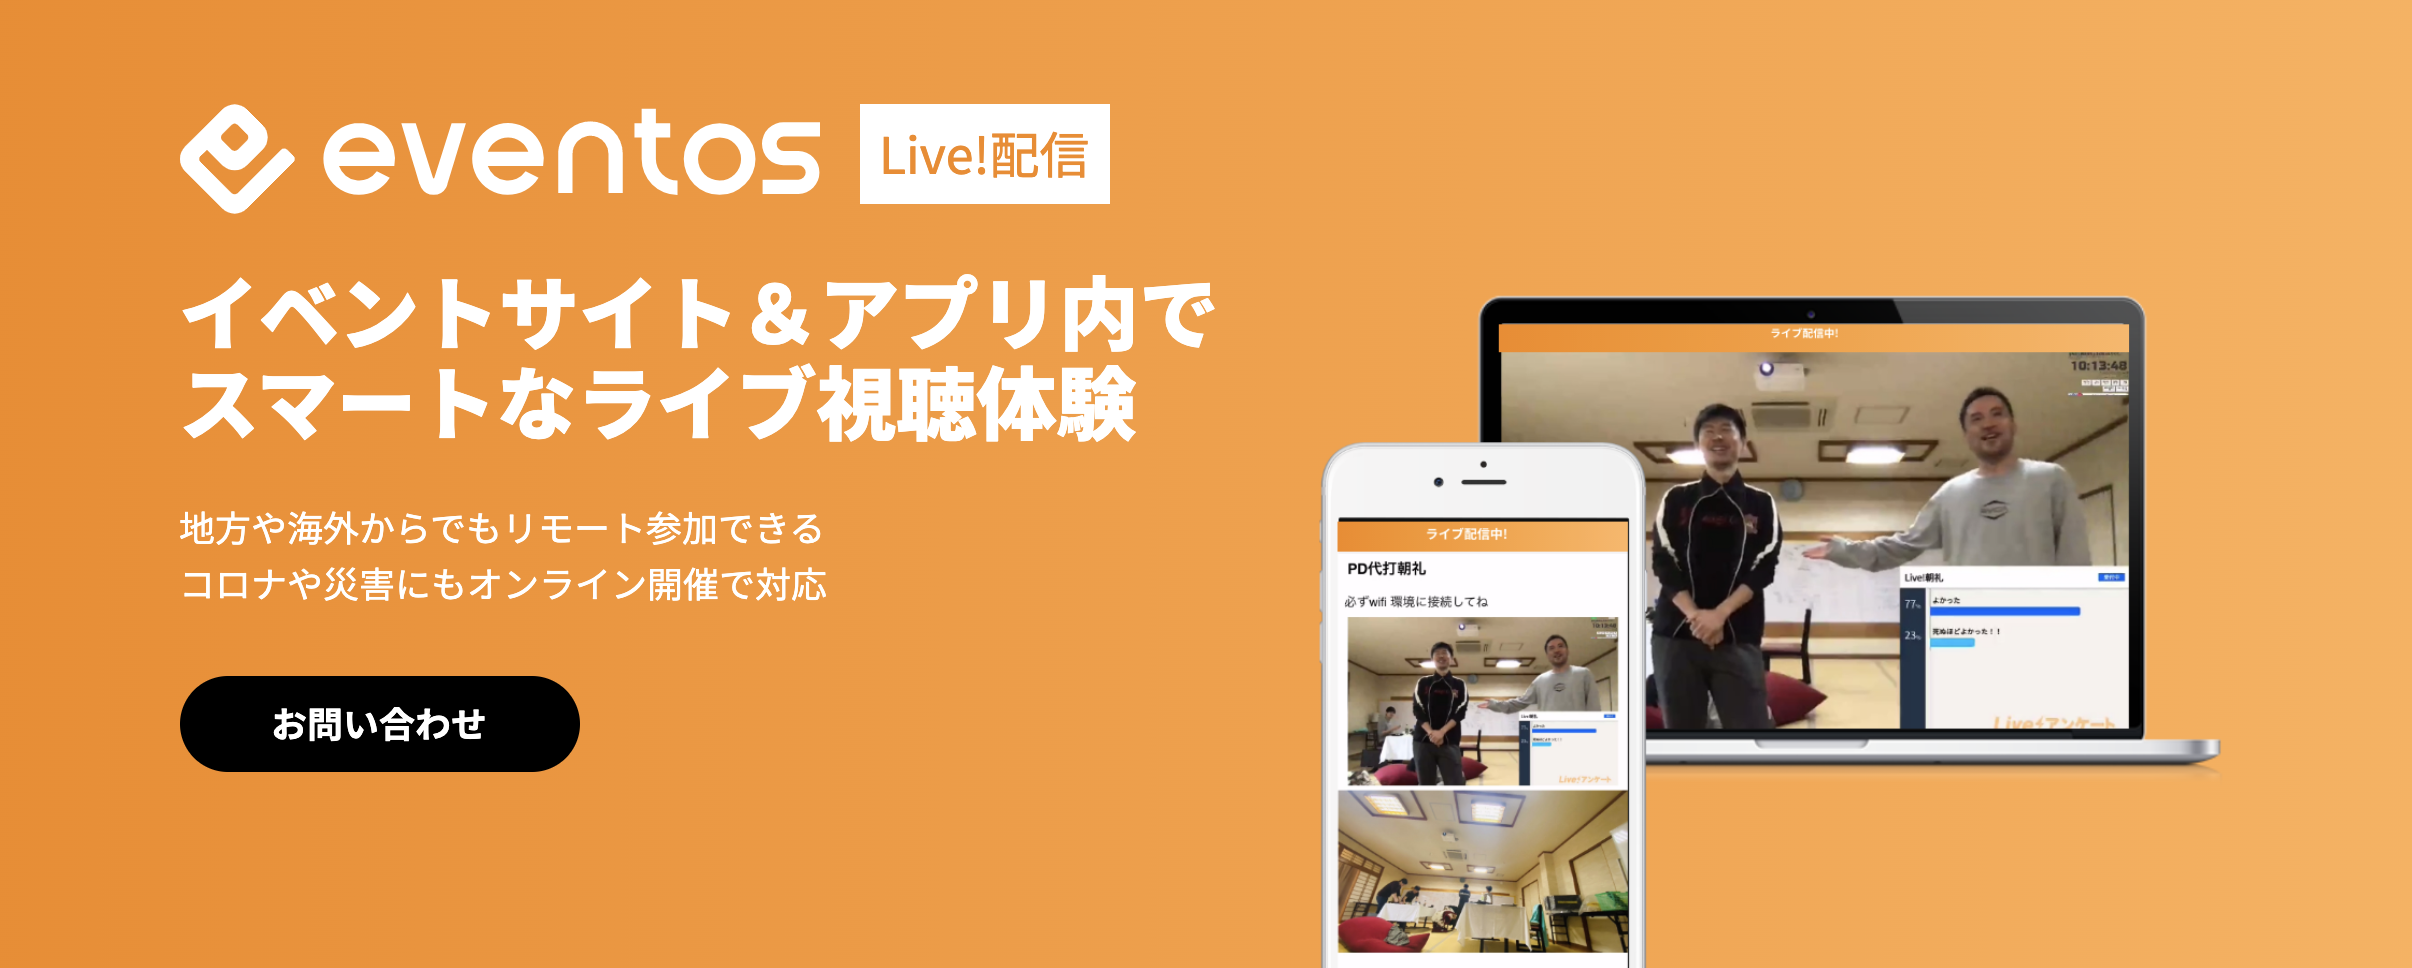 ライブ配信ができるeventosのLive!配信機能